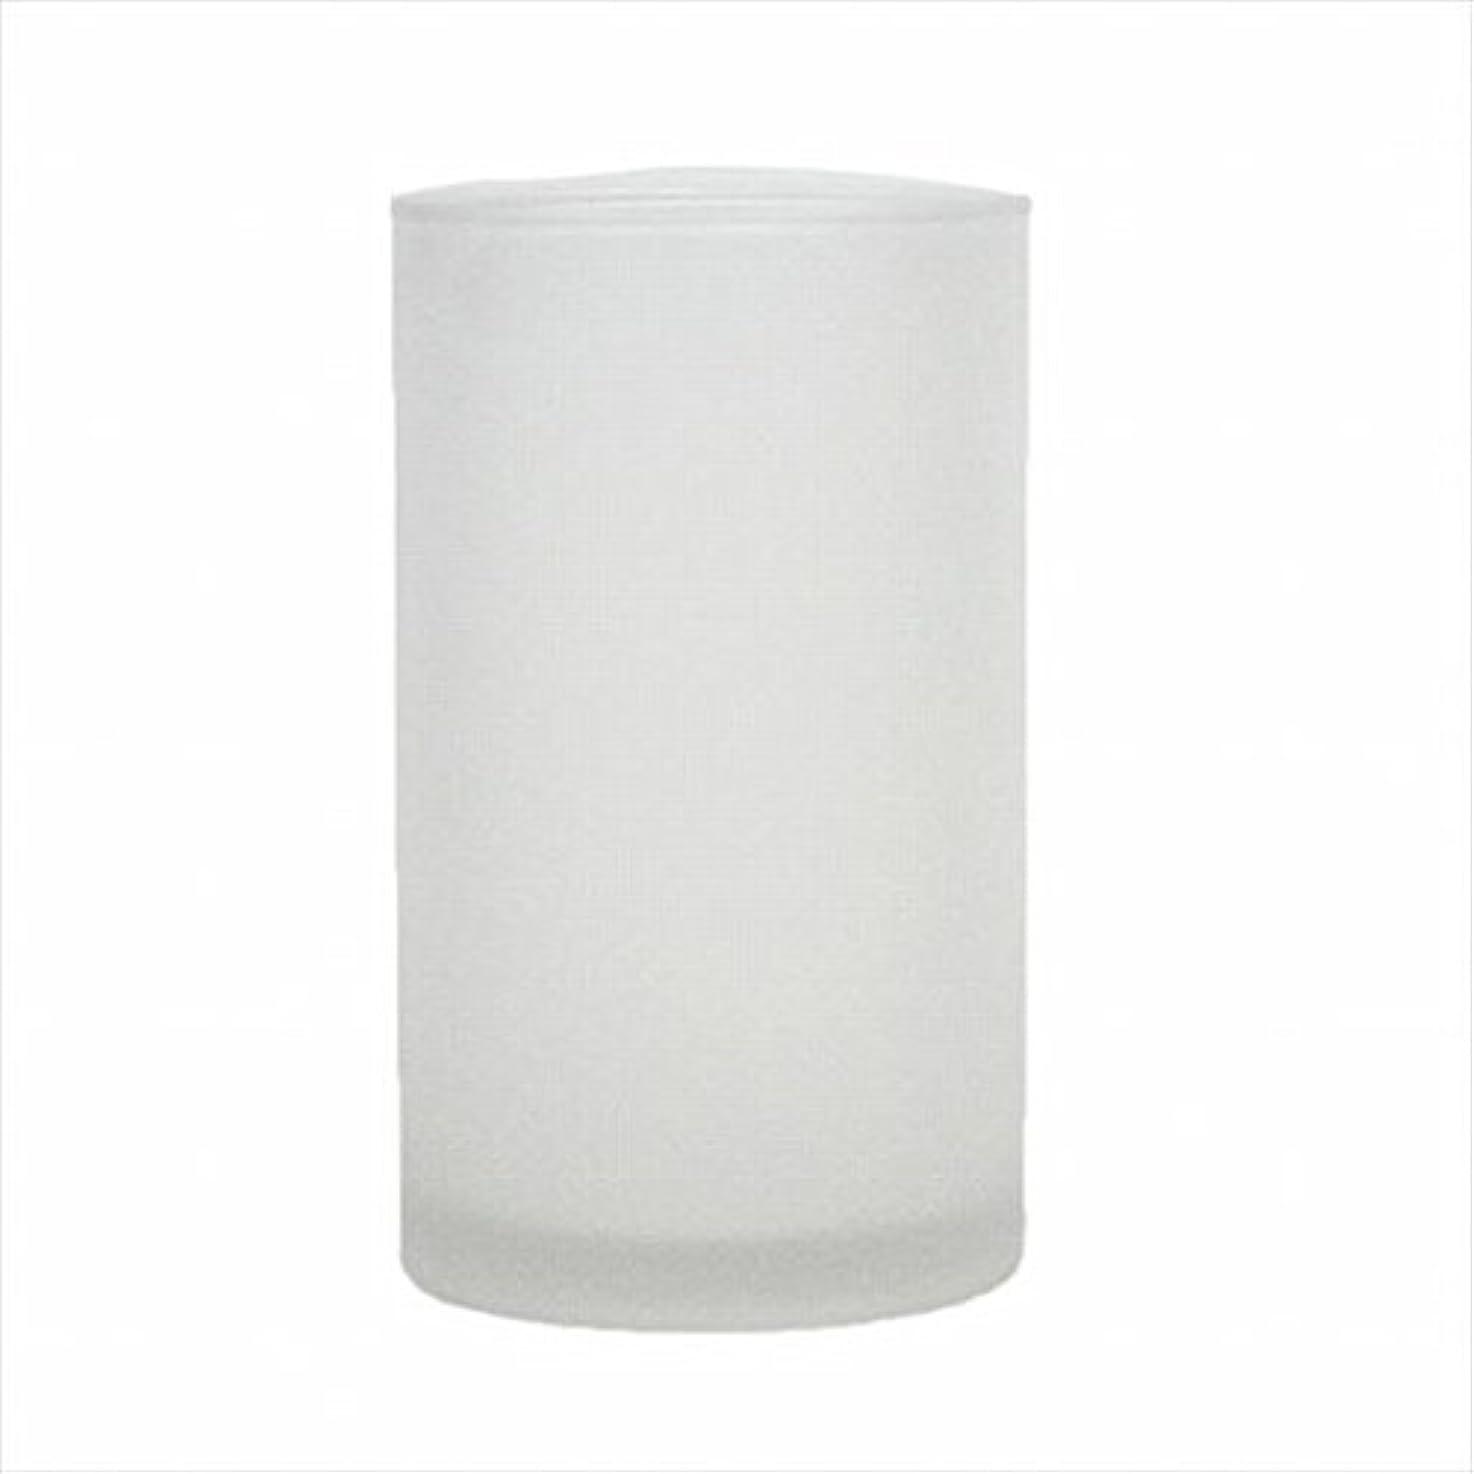 大理石機会可聴カメヤマキャンドル(kameyama candle) モルカグラスSフロスト